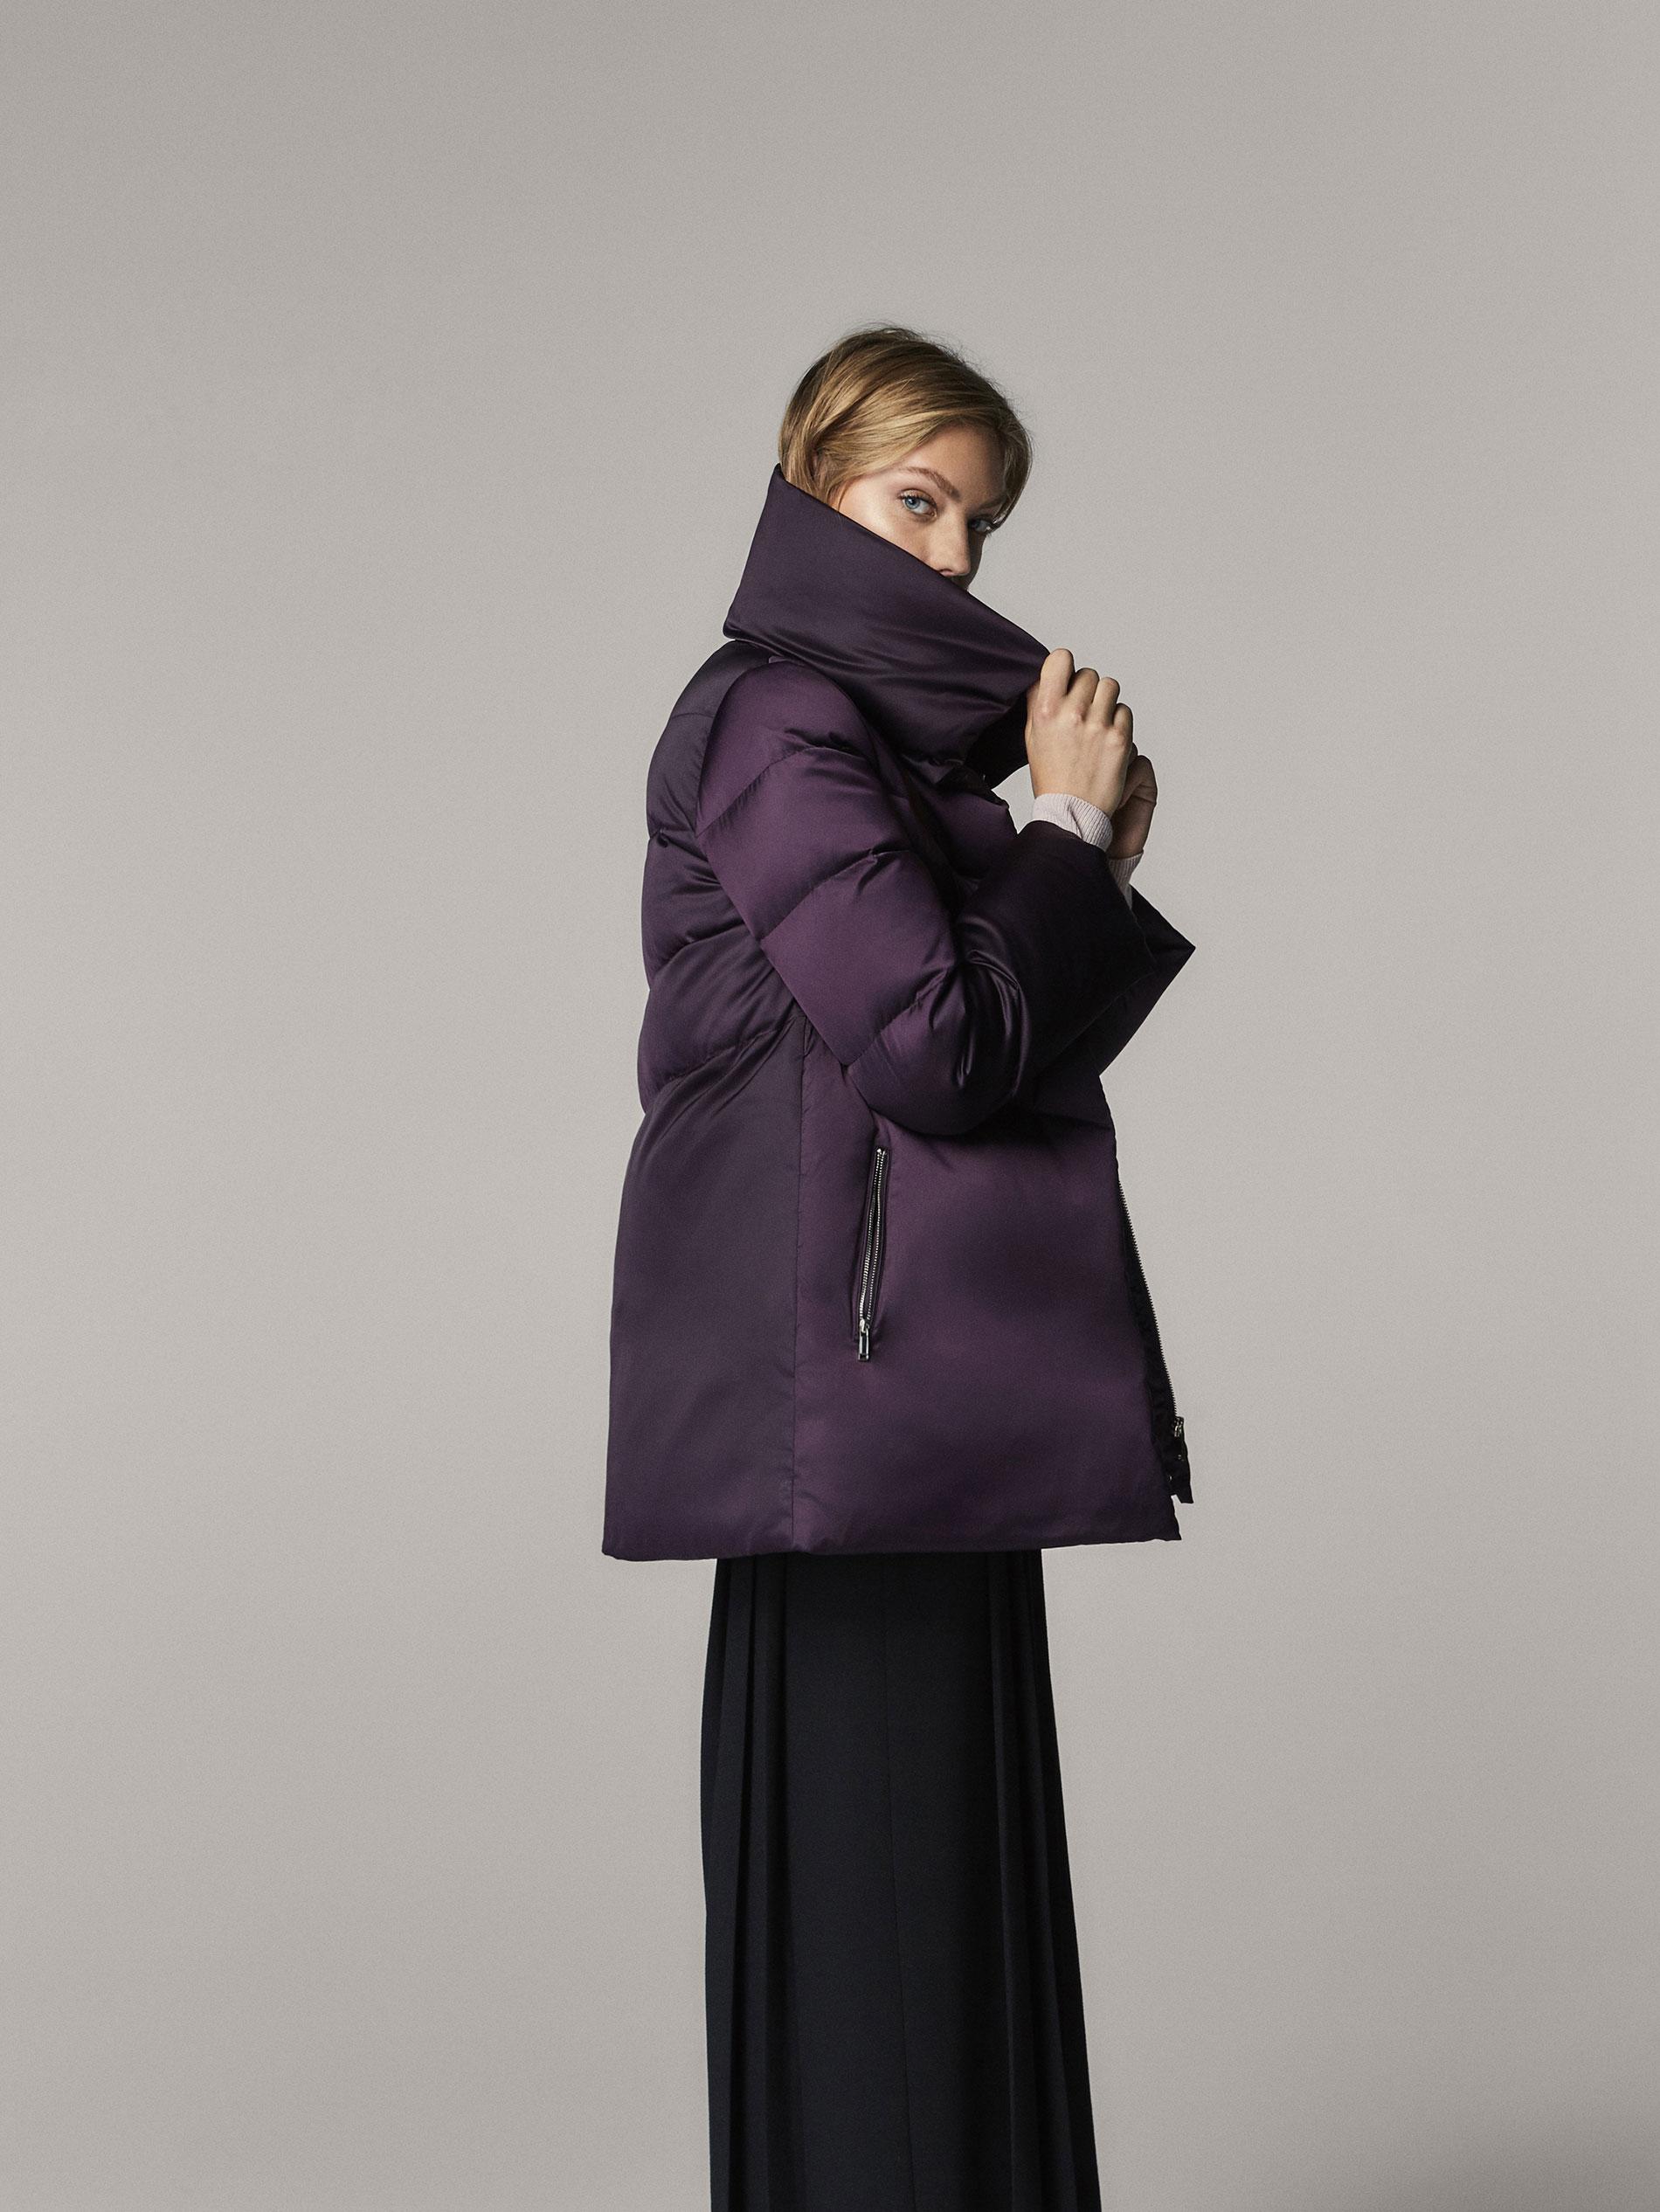 Как носить пуховик этой зимой и выглядеть стильно-Фото 3